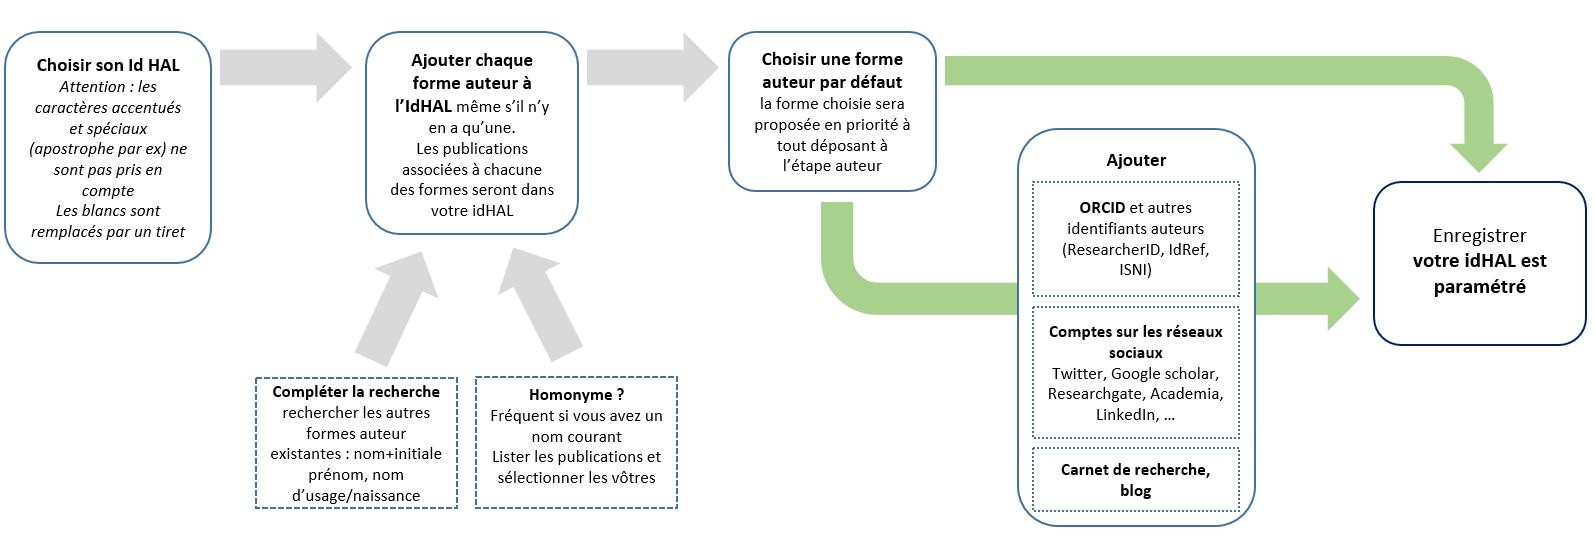 Schéma de configuration de l'idHAL